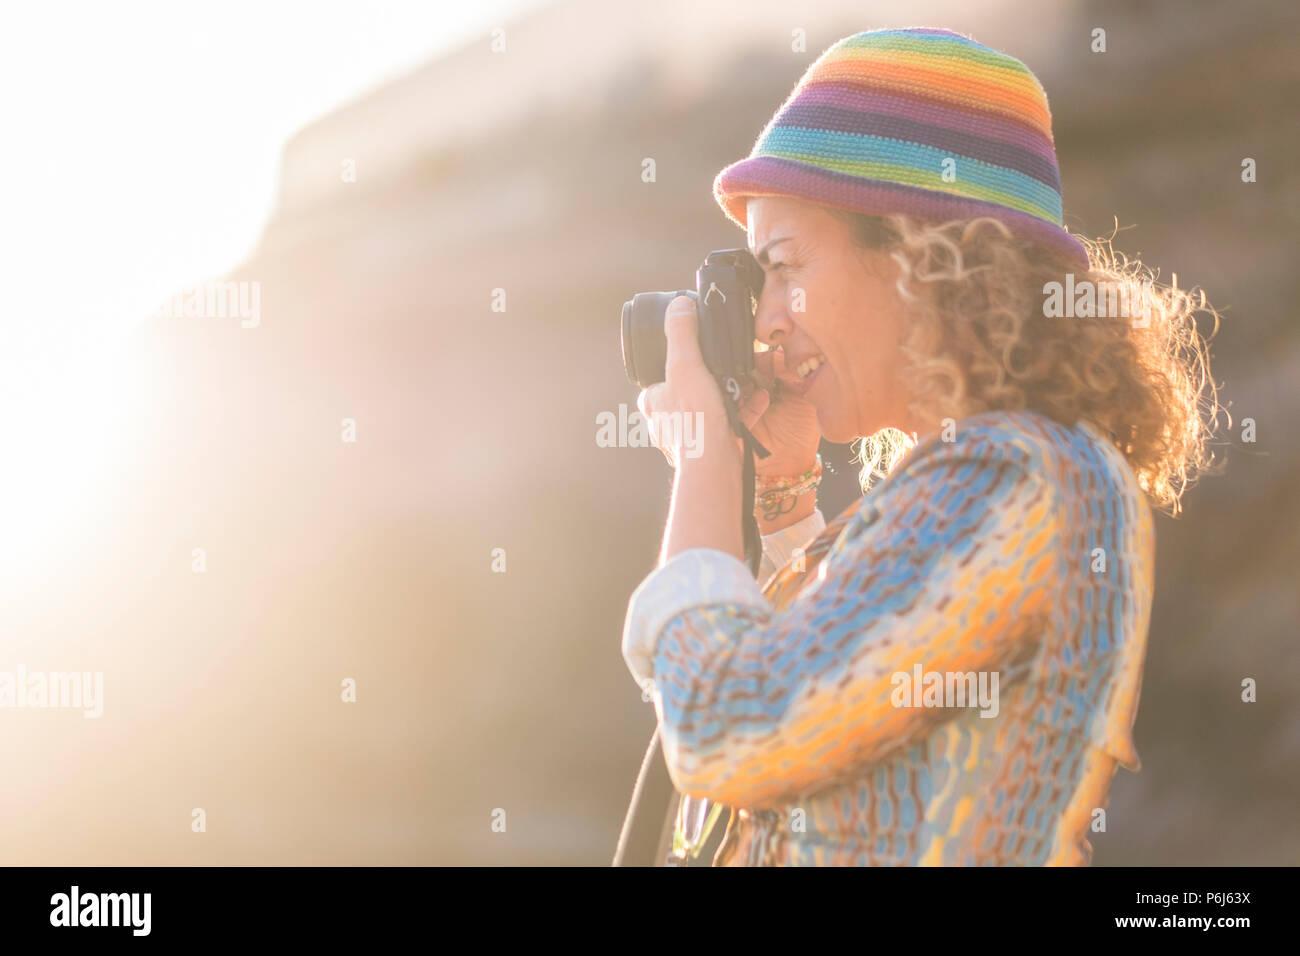 Mujer caucásica fotógrafo con sombrero de color agradable tomando fotos con la vieja cámara pequeña. La luz solar y el sol brillan en el fondo. verano brillante co Imagen De Stock